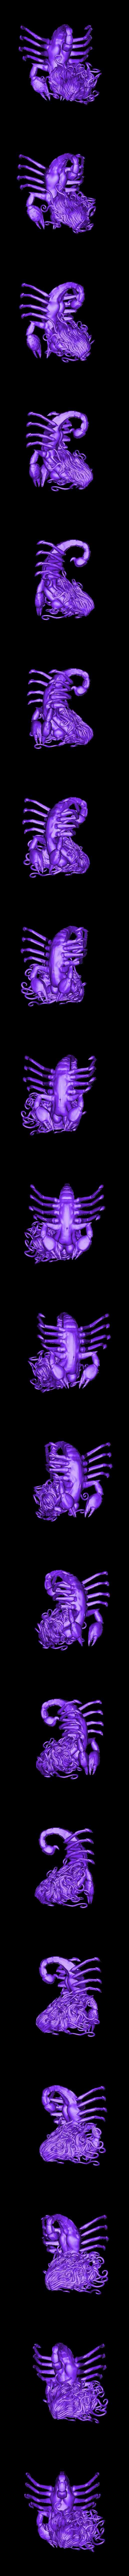 Scorpion_Girl.stl Télécharger fichier STL gratuit Fille Scorpion • Plan pour imprimante 3D, FiveNights